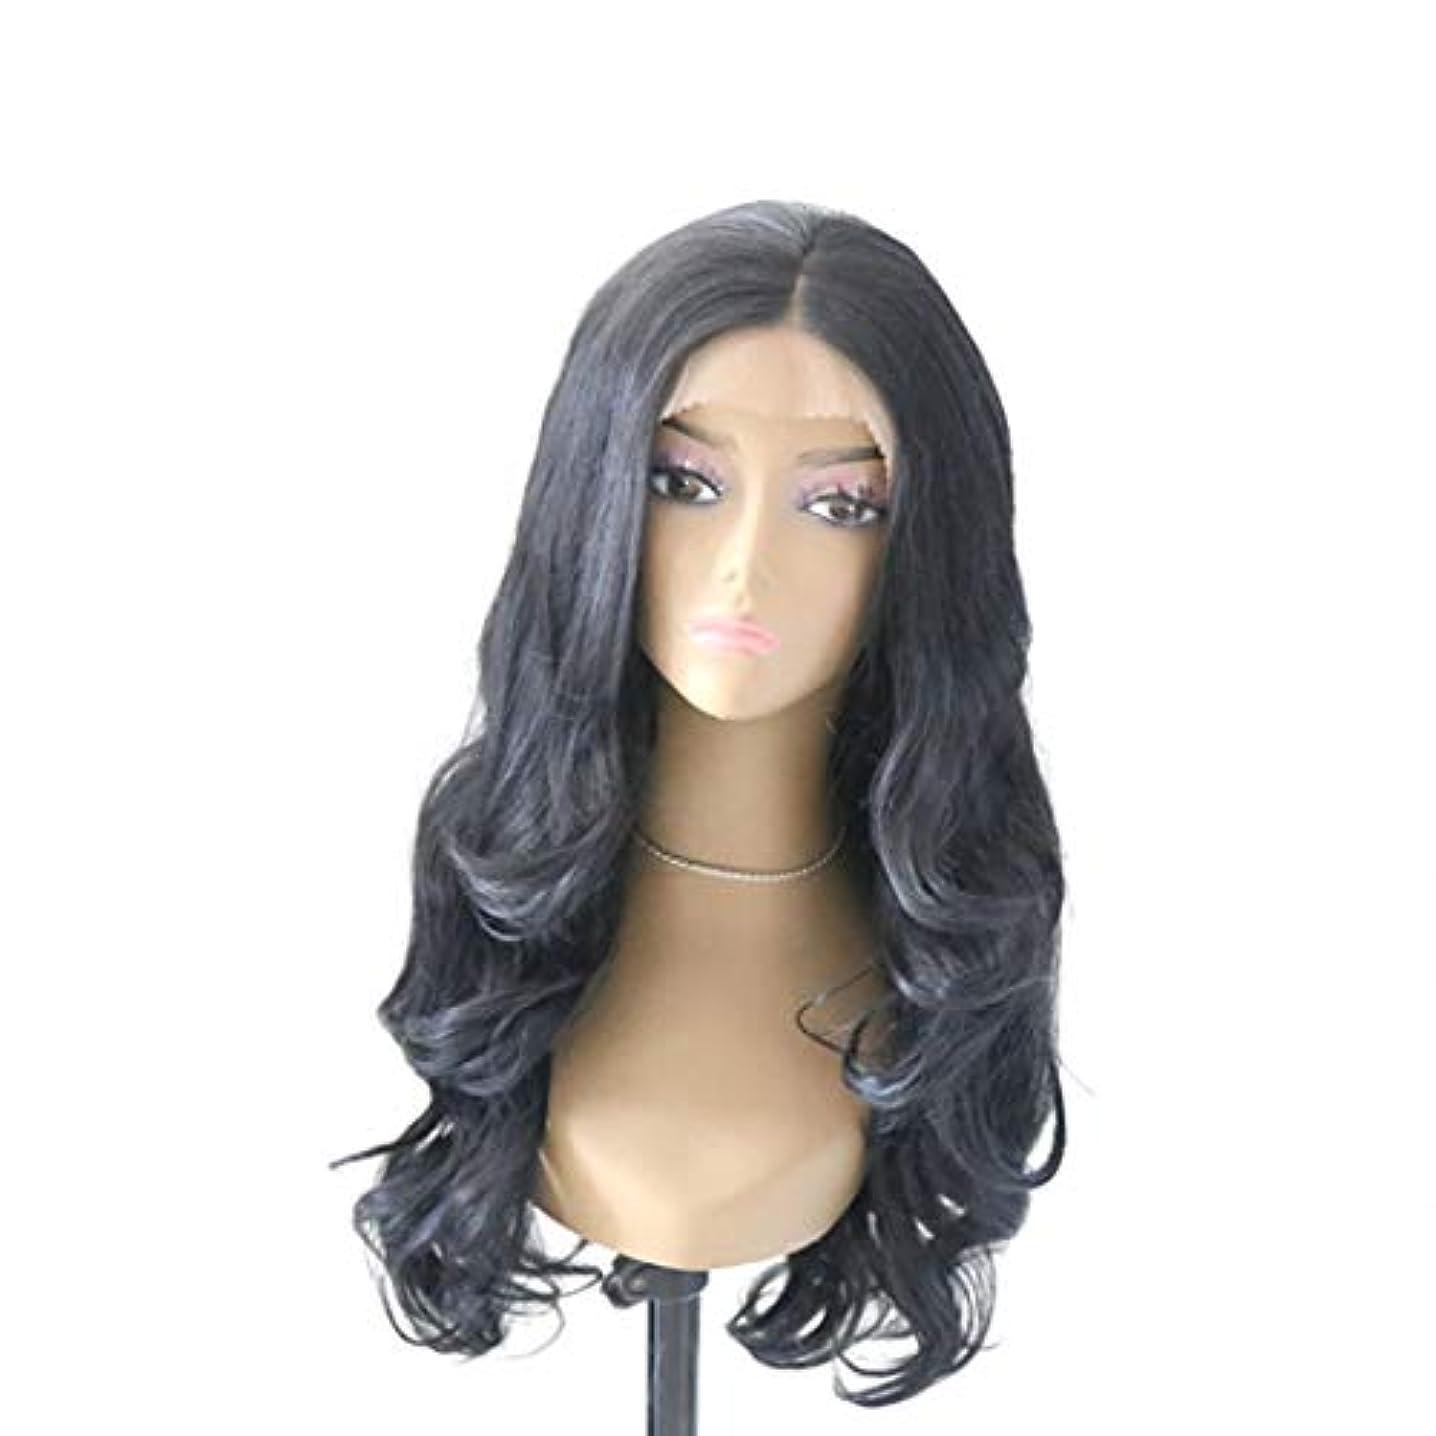 経度夜明けにそれに応じてKerwinner 黒かつら女性のための大きな波状の巻き毛のフロントレース化学繊維かつら